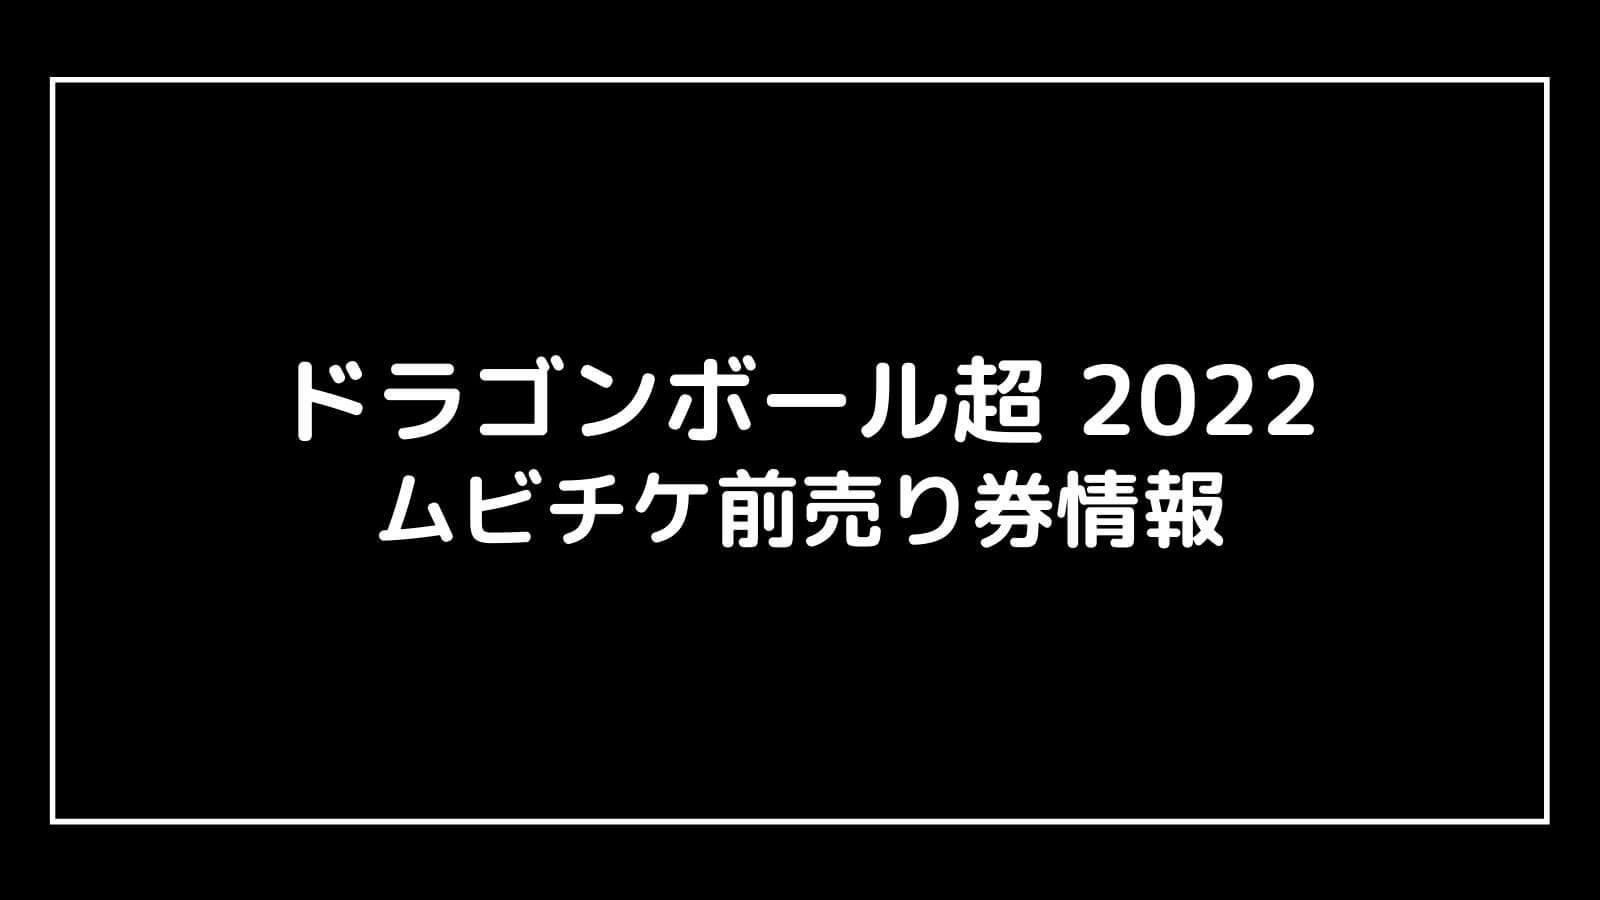 映画『ドラゴンボール超(2022)』特典付きムビチケ前売り券はいつ発売する?完売時期も予想